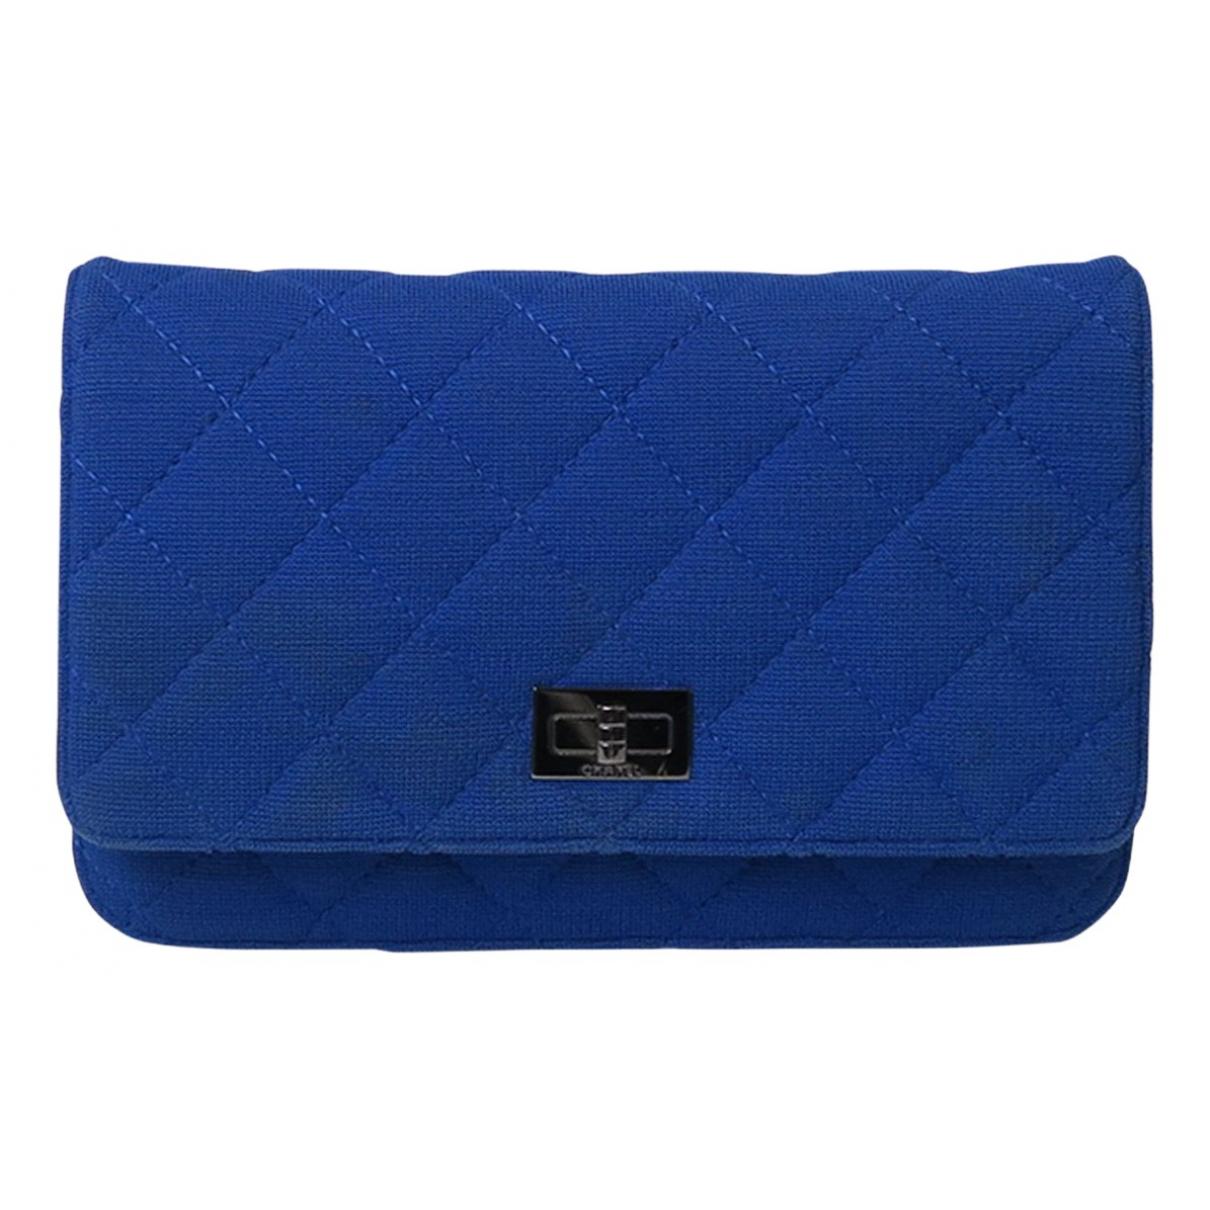 Chanel - Pochette 2.55 pour femme en toile - bleu